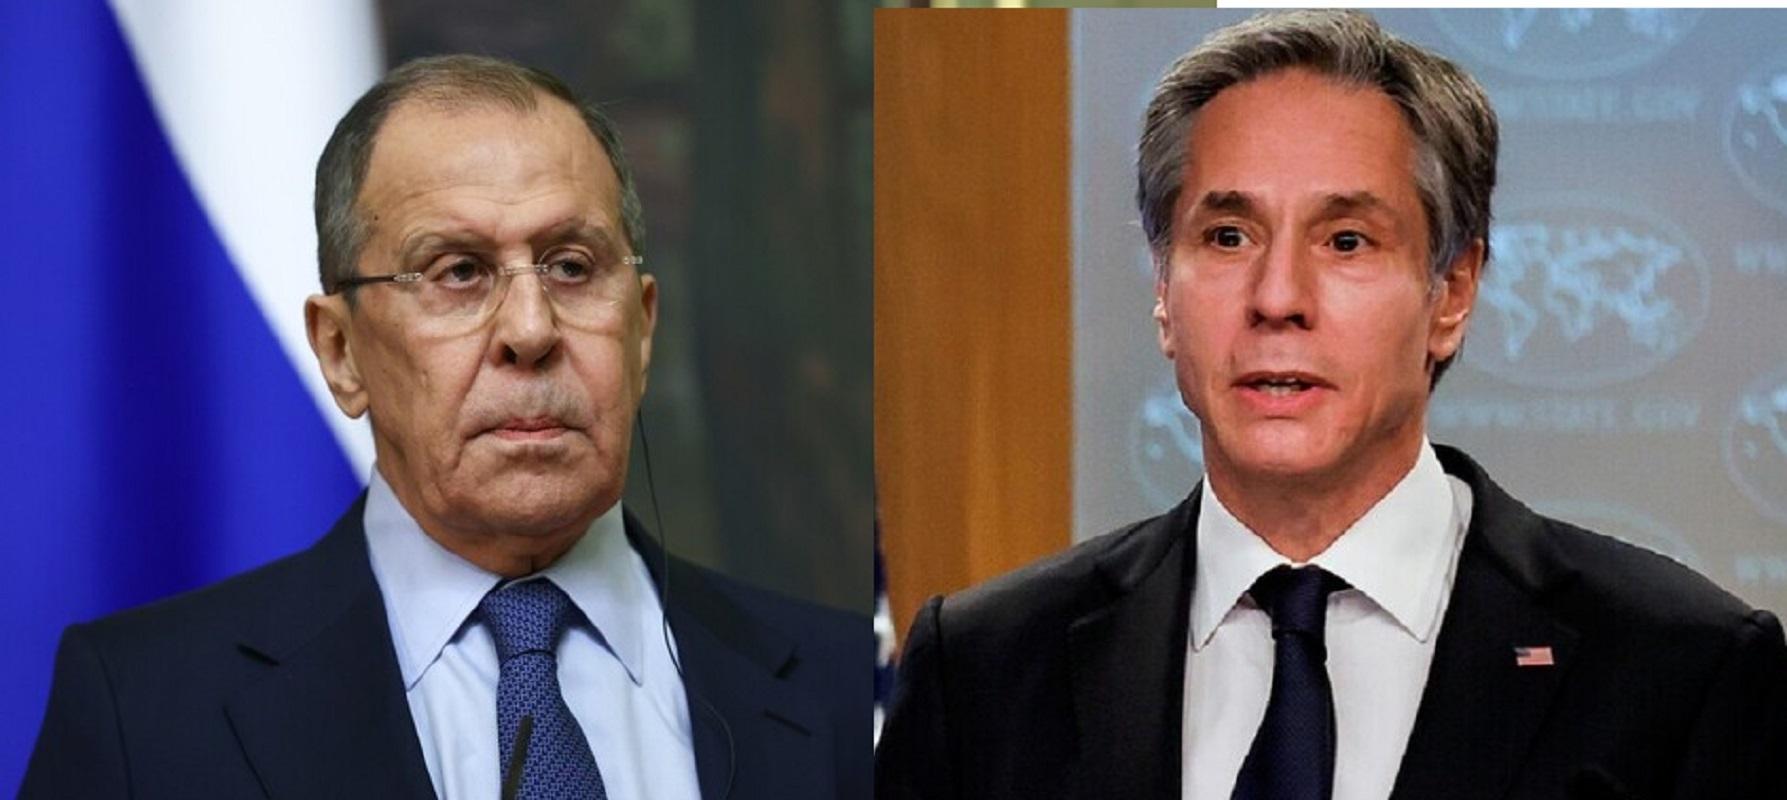 وزيرا الخارجية الروسية سيرغي لافروف والأمريكي أنتوني بلينكن